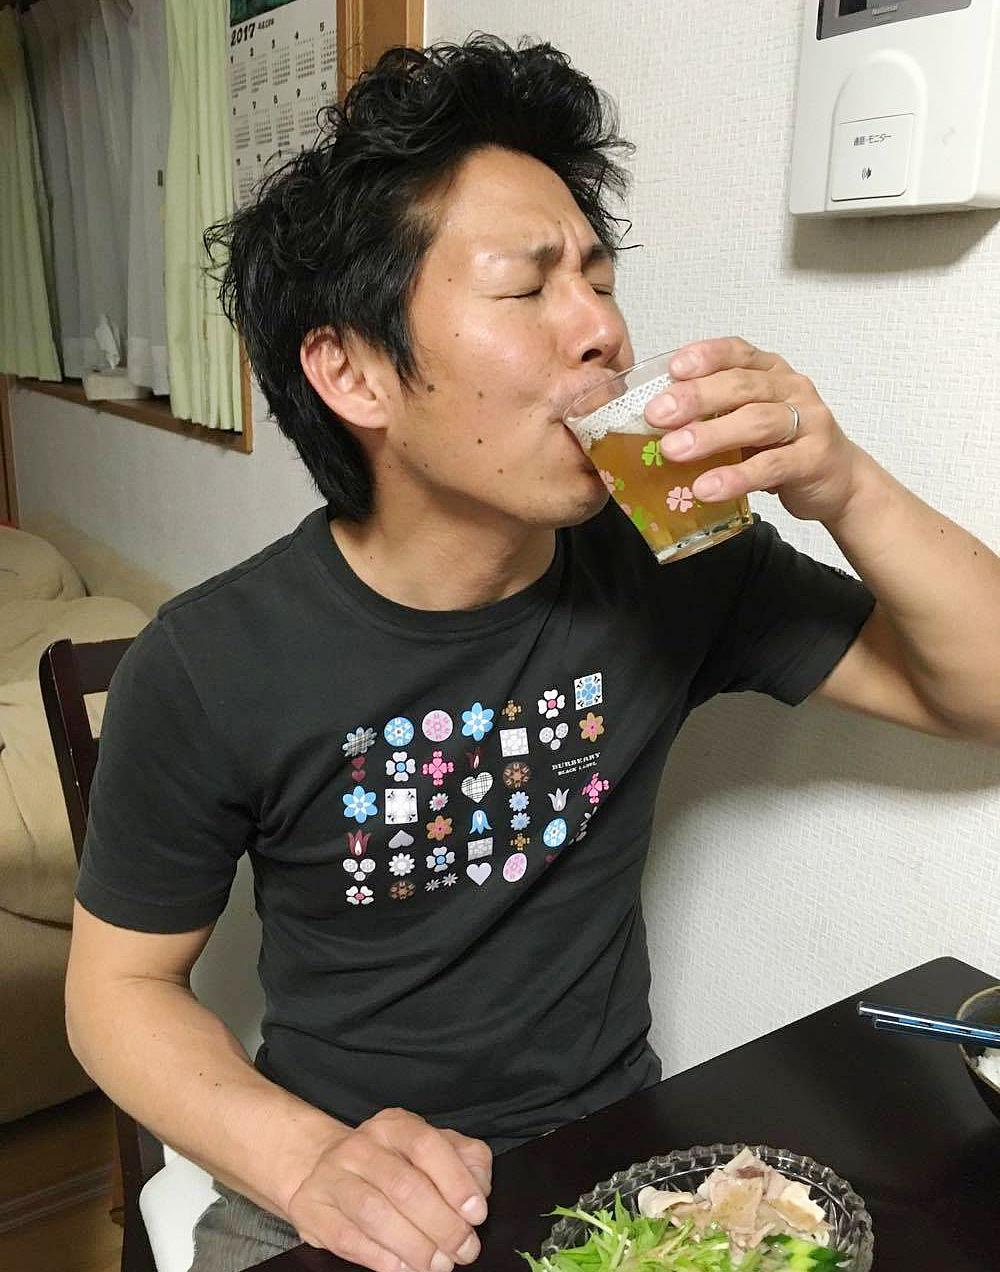 ポートランドビール「セイズゥーン」が美味すぎる件